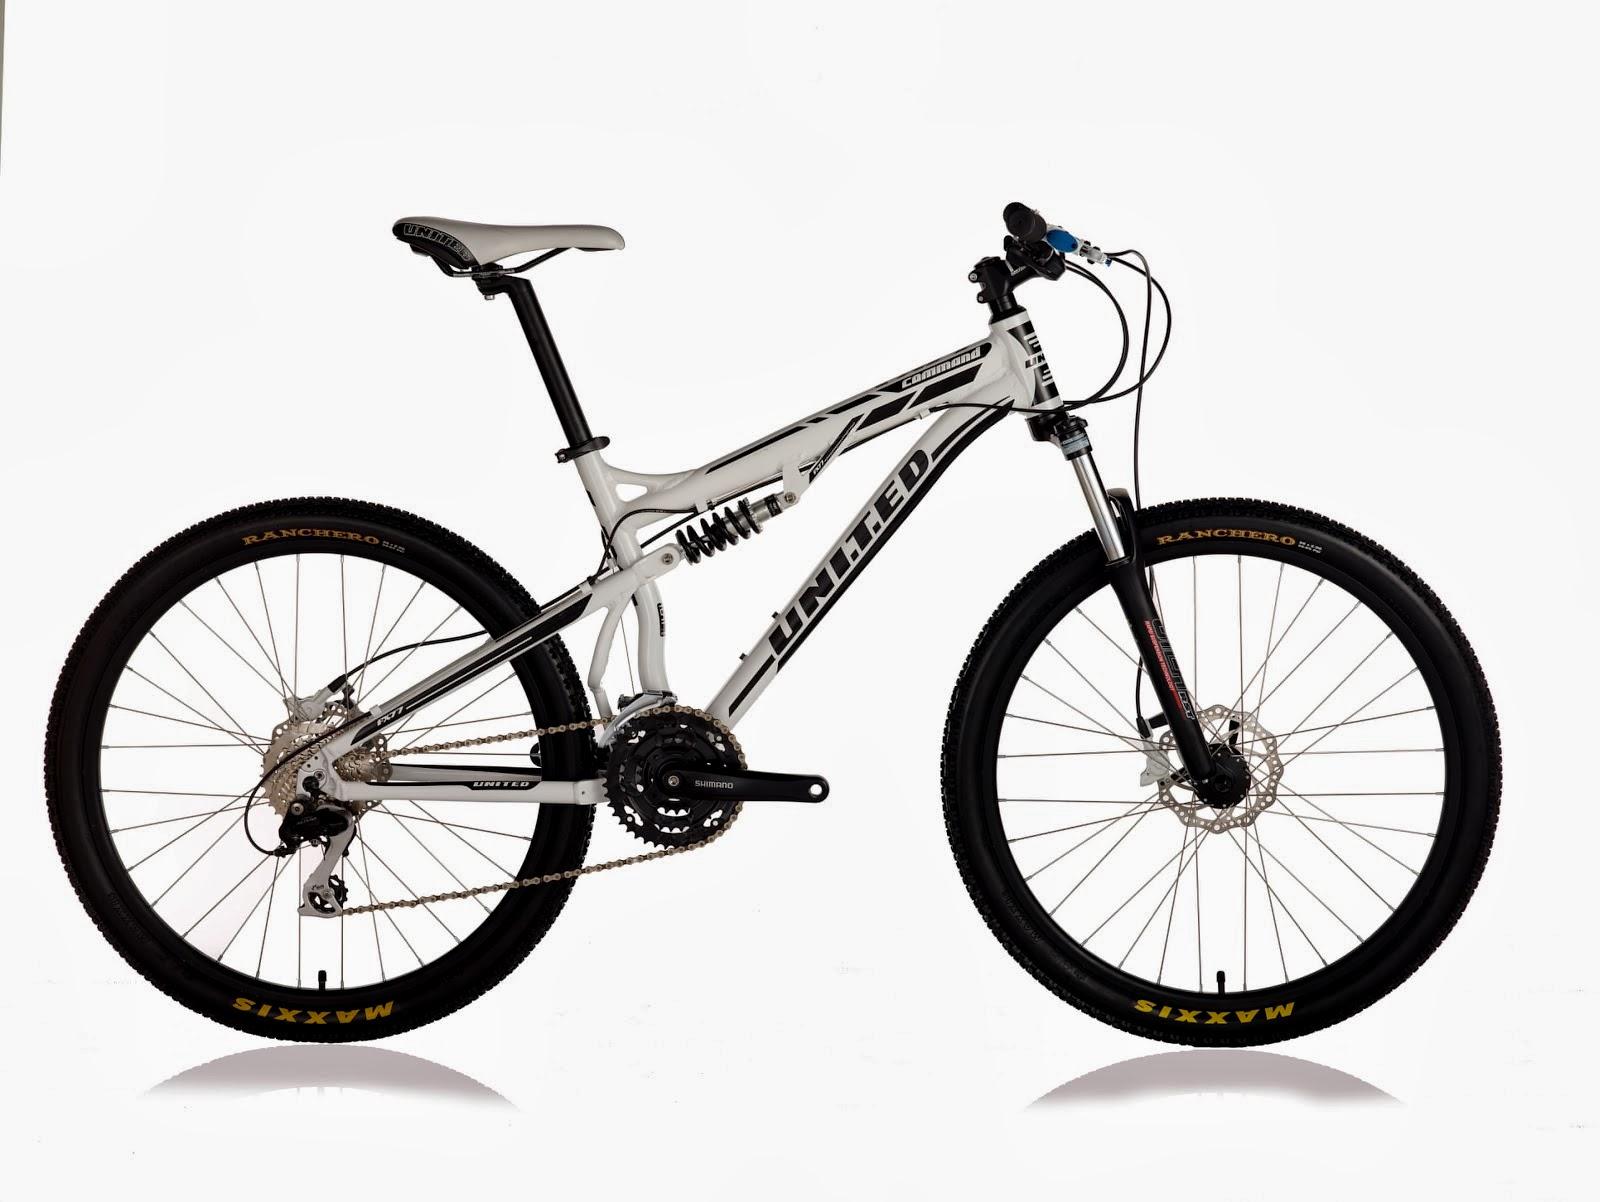 Daftar Harga Sepeda United Murah Terbaru Update Merpati